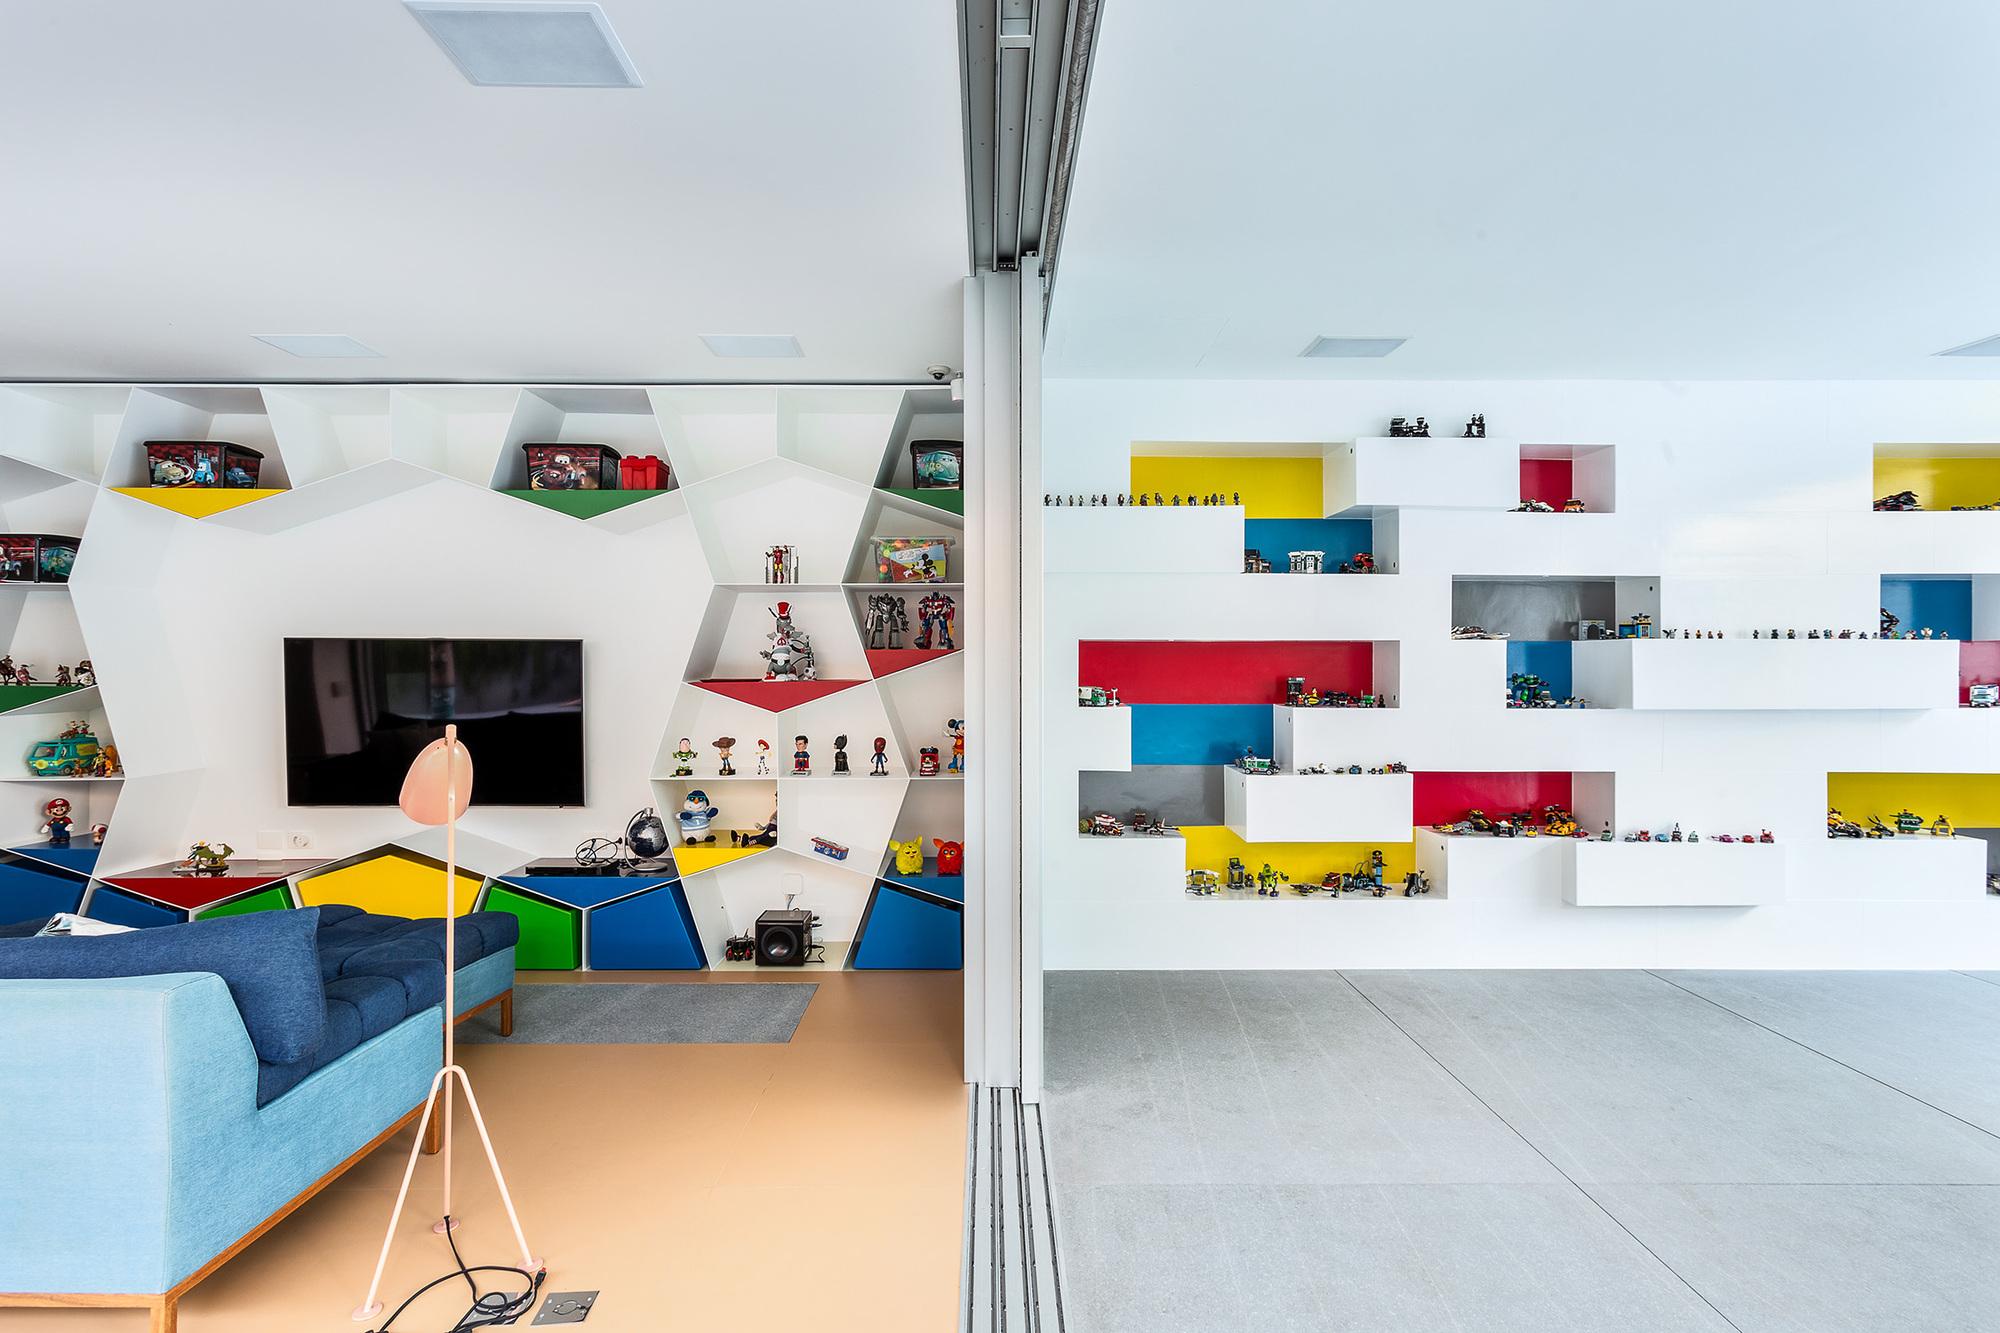 Galeria de brinquedoteca pascali semerdjian arquitetos 3 - Maison brooklin sao paulo galeria arquitetos ...